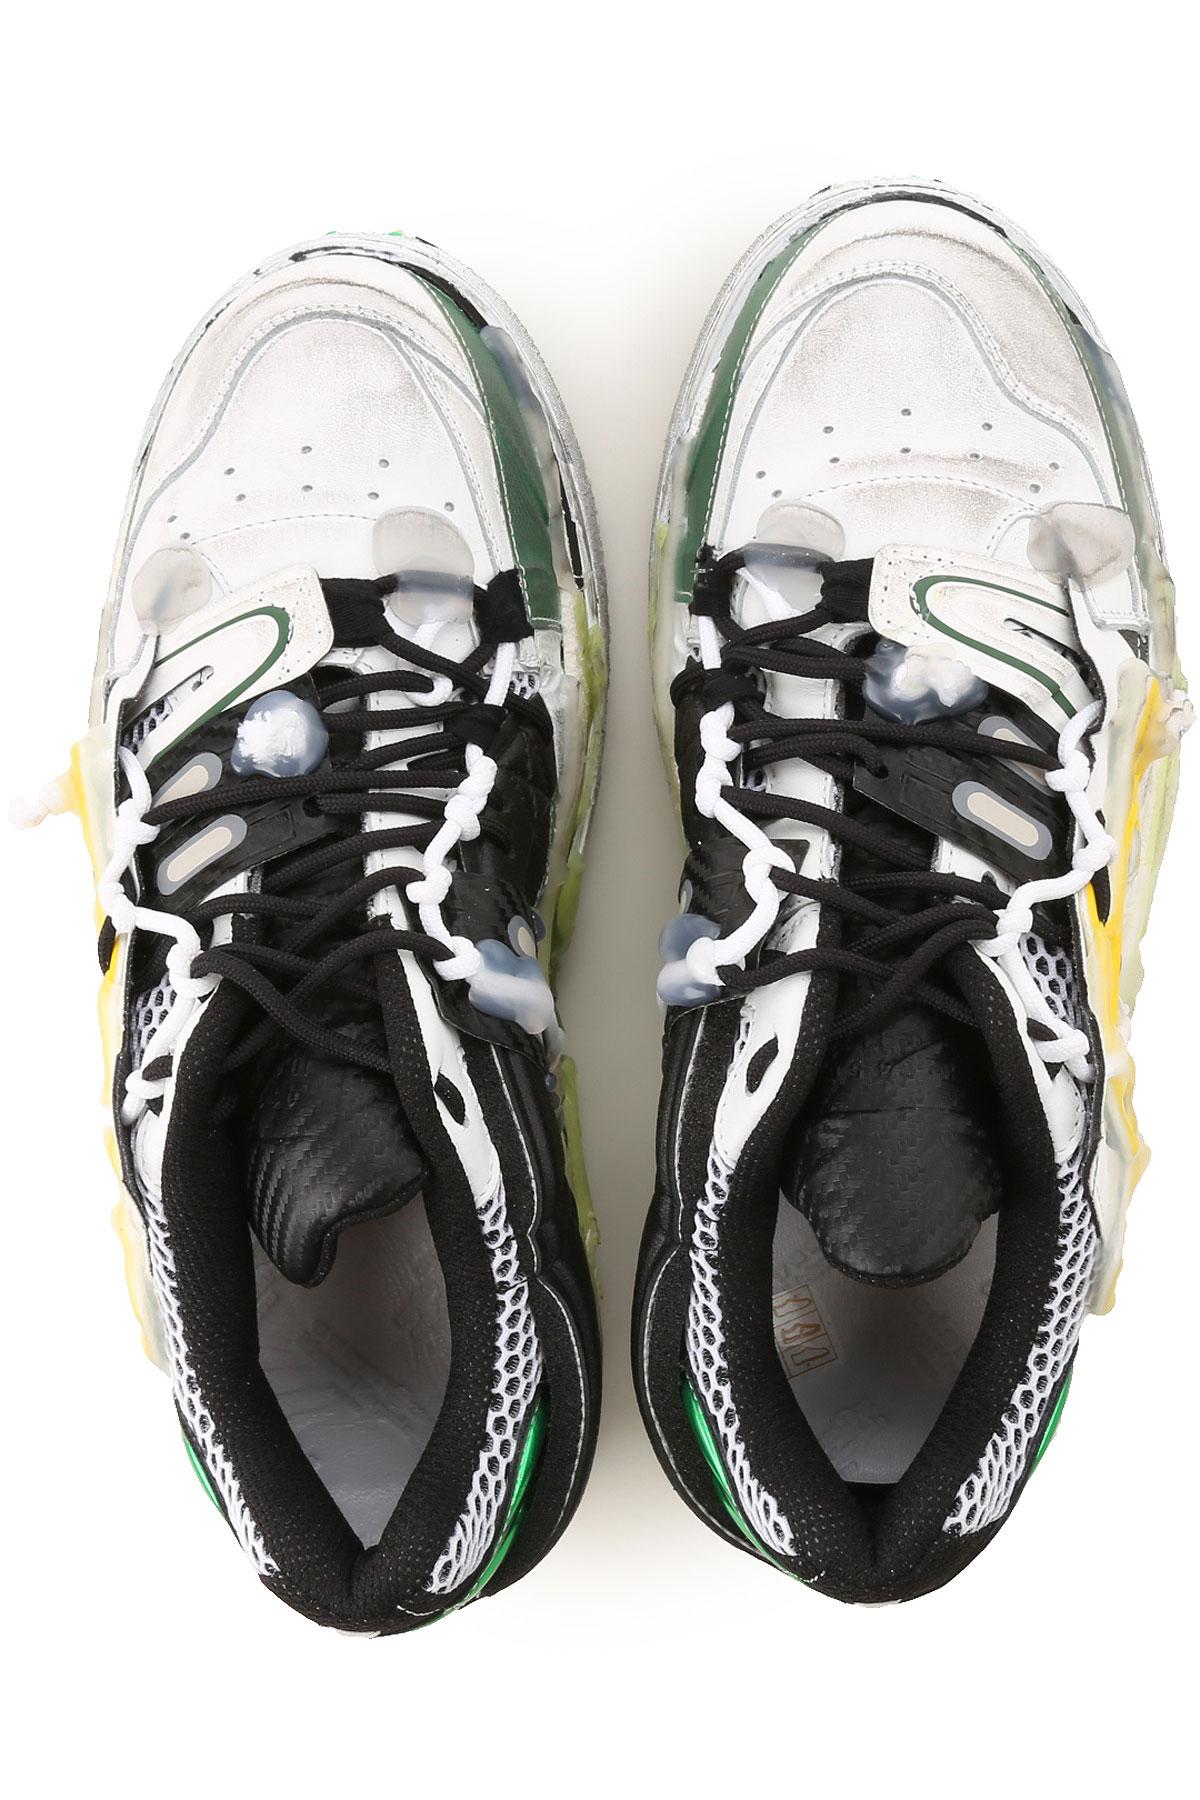 verano Zapatos Primavera Para Multicolor Maison Margiela Martin Hombres 2019 Blanco qEYc6c